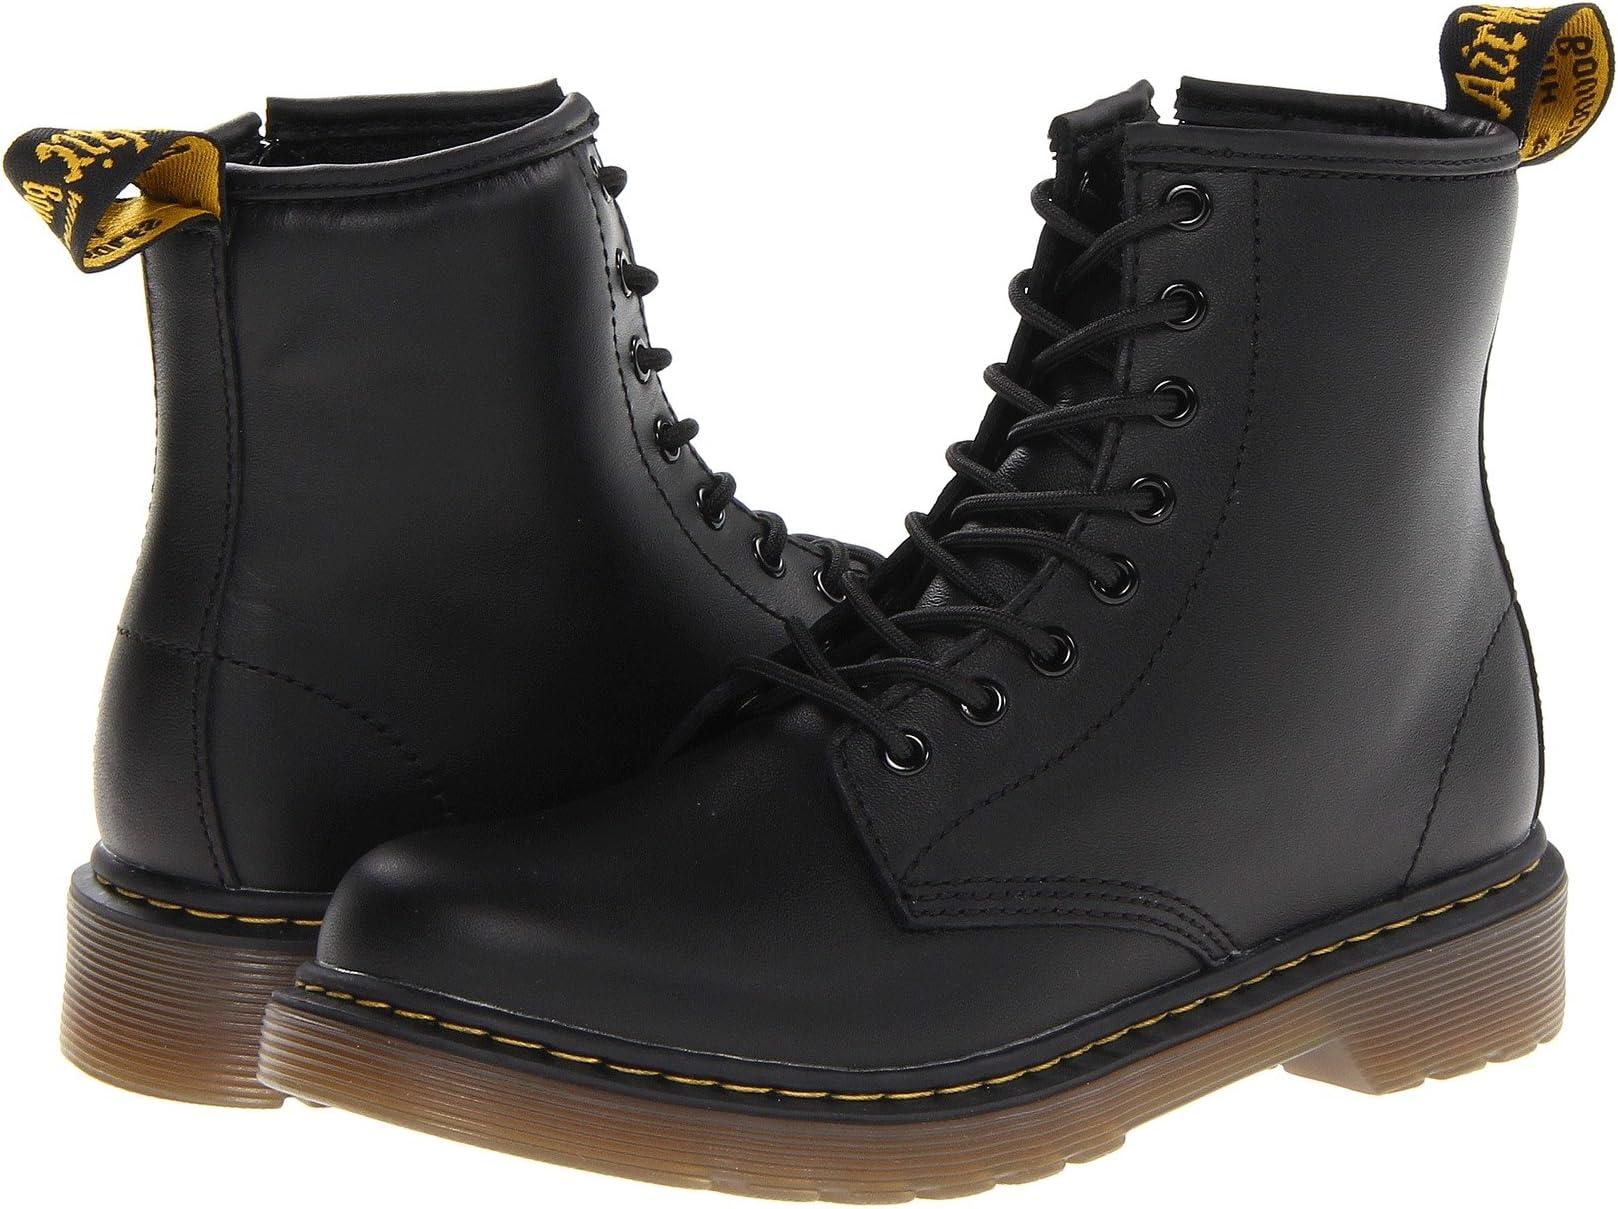 c6ccef28ecd Boys' Shoes | Zappos.com